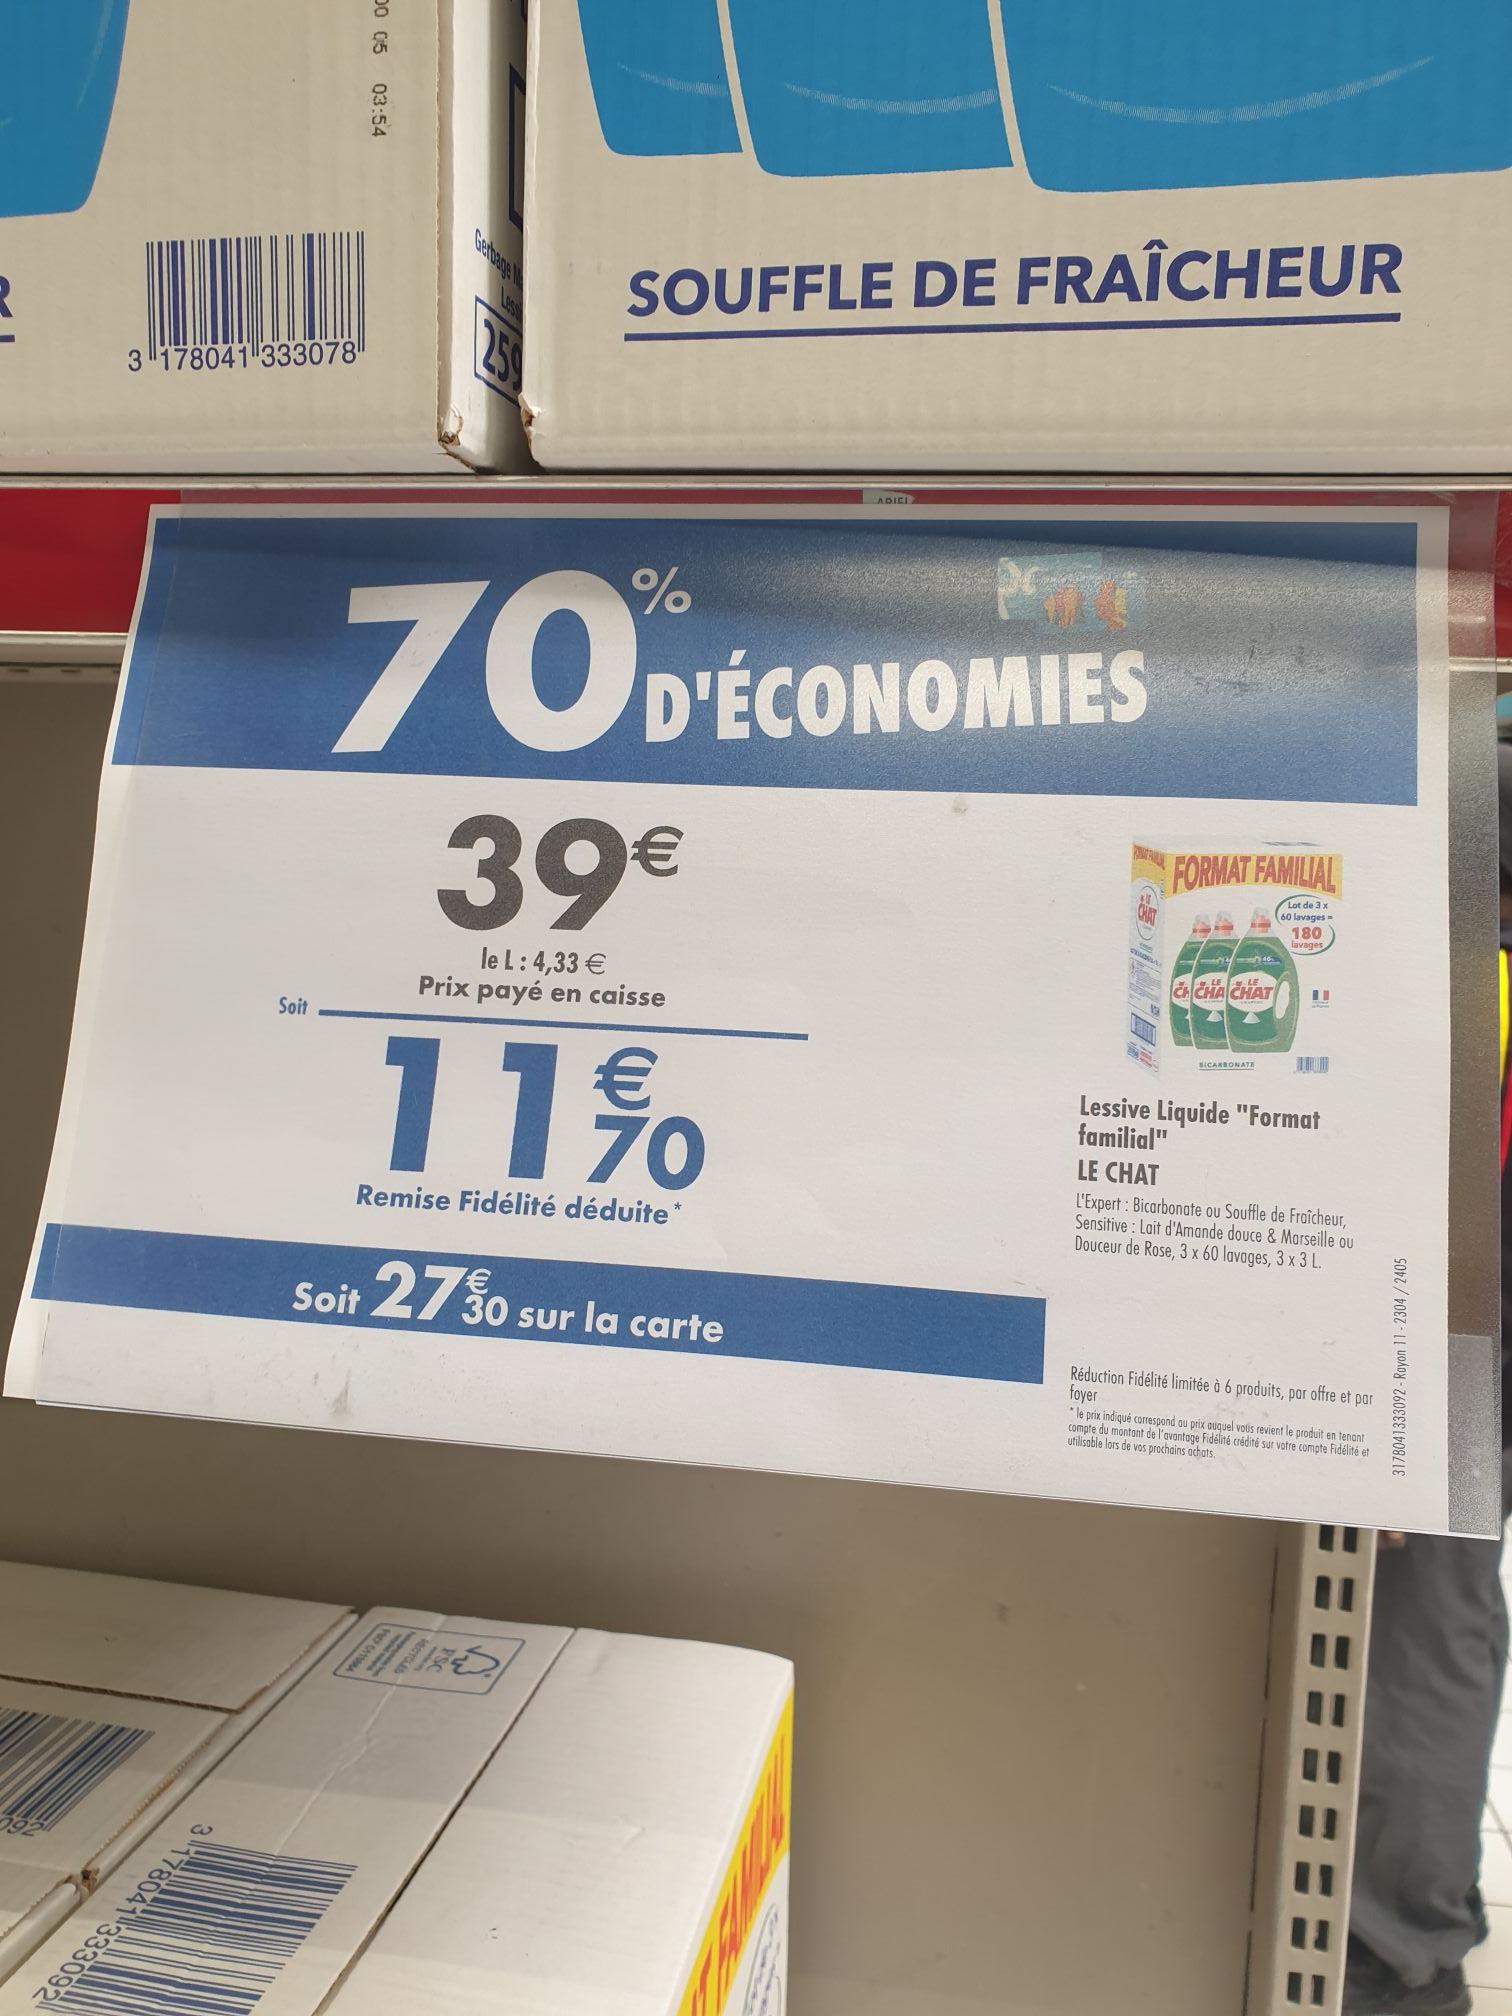 Lot de 3 Bidons de Lessive liquide Le Chat - Variétés au choix, 3 x 60 lavages (Via 27.30€ sur la Carte de Fidélité) - Vénissieux (69)